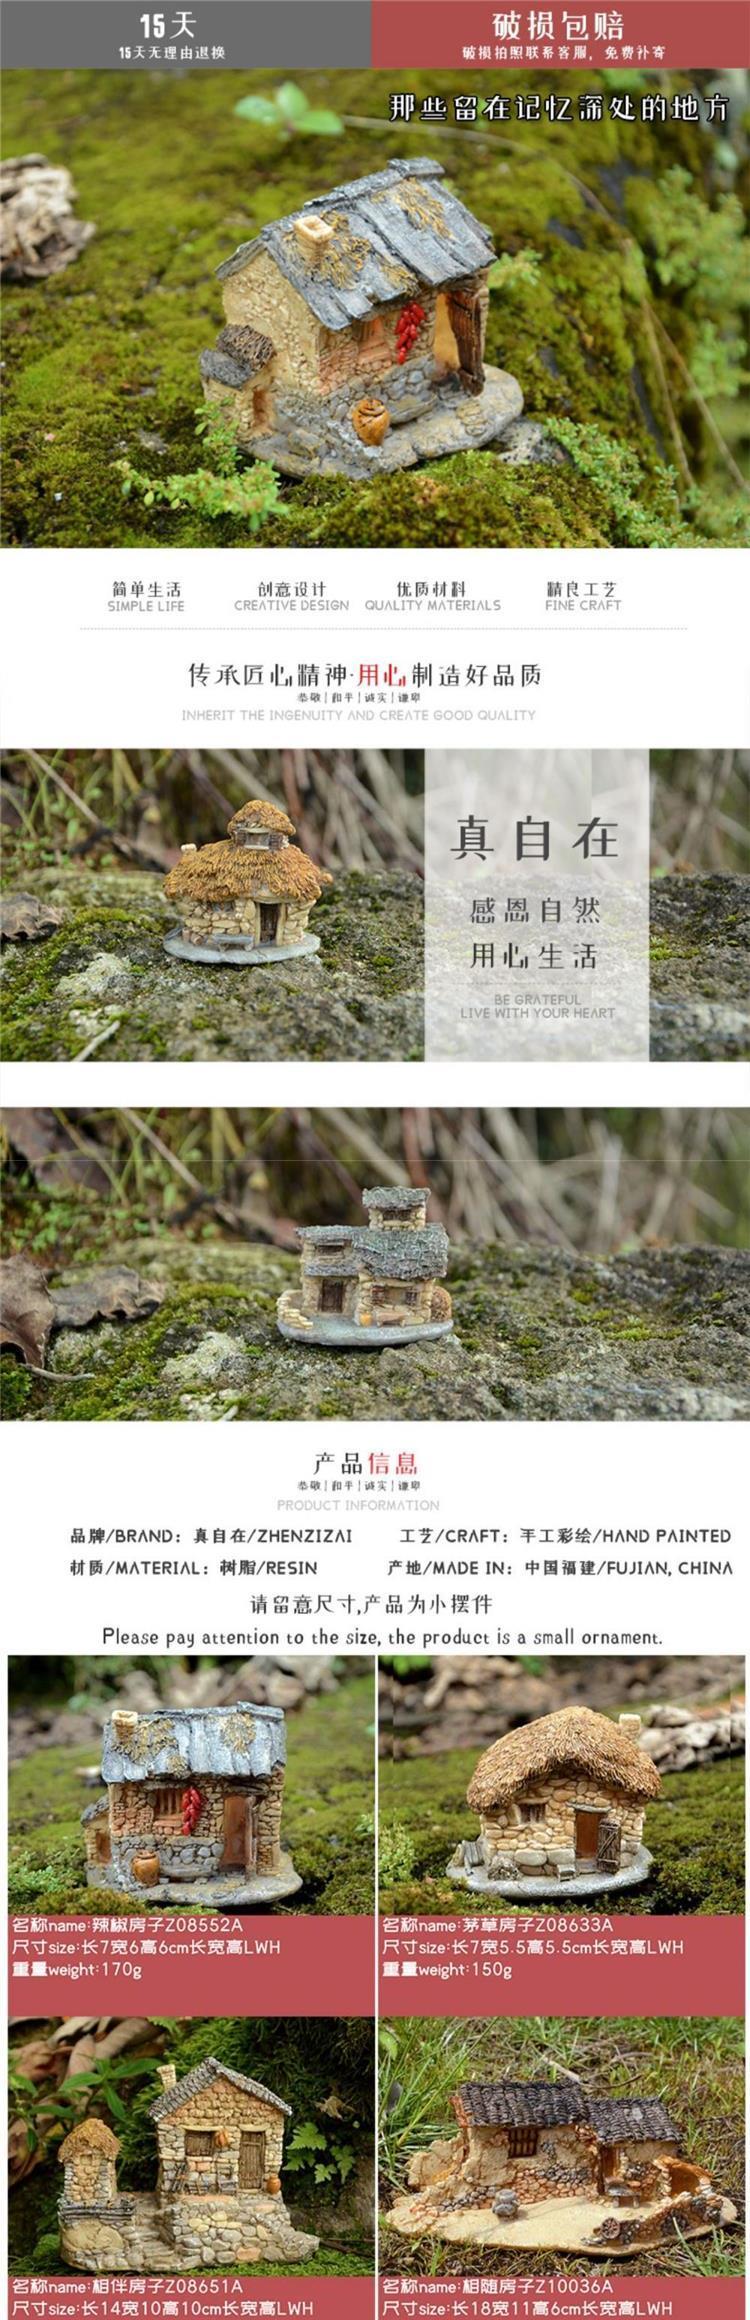 中國代購|中國批發-ibuy99|鱼缸造景套装装饰沉底摆件沉水水缸水族箱配件大全水陆缸材料建筑